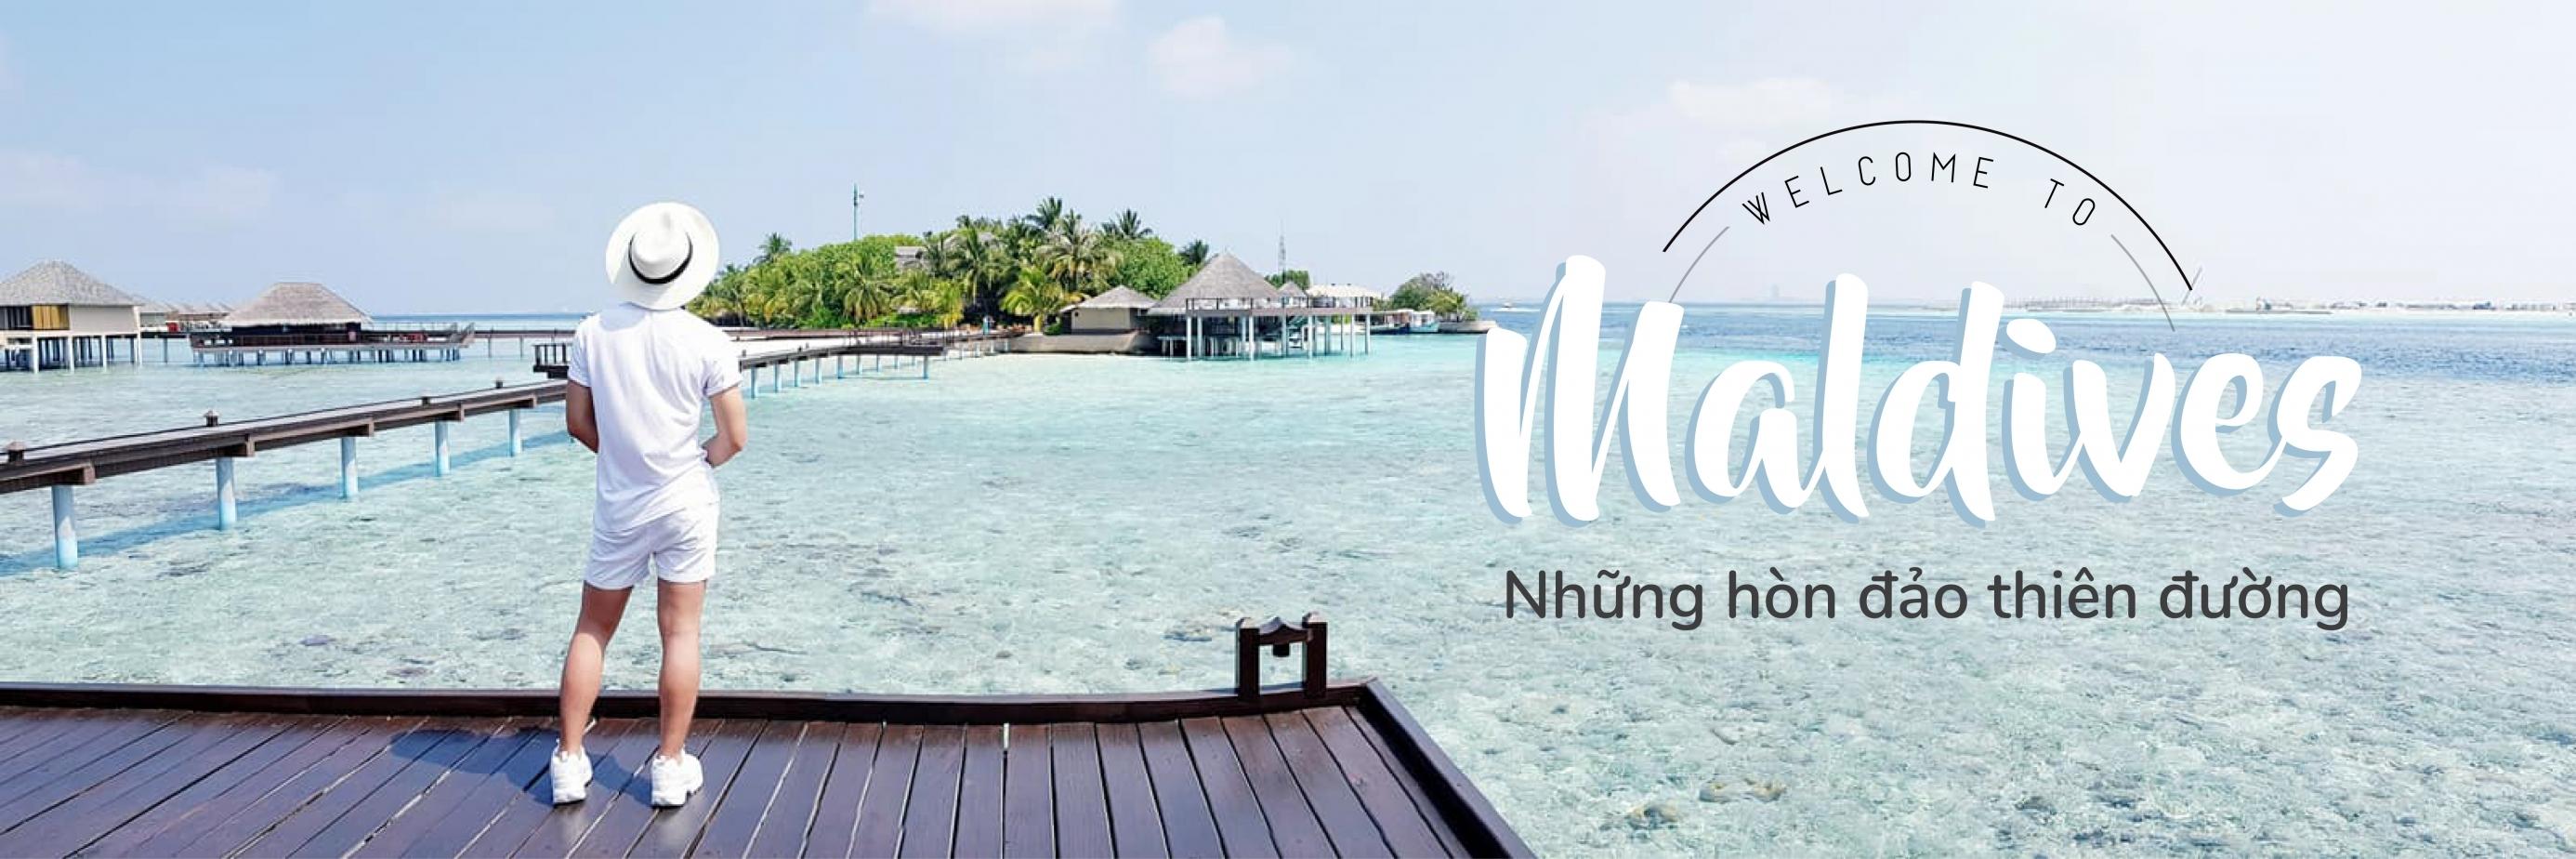 https://gody.vn/blog/nmha13034150/post/maldives-nhung-hon-dao-thien-duong-2822